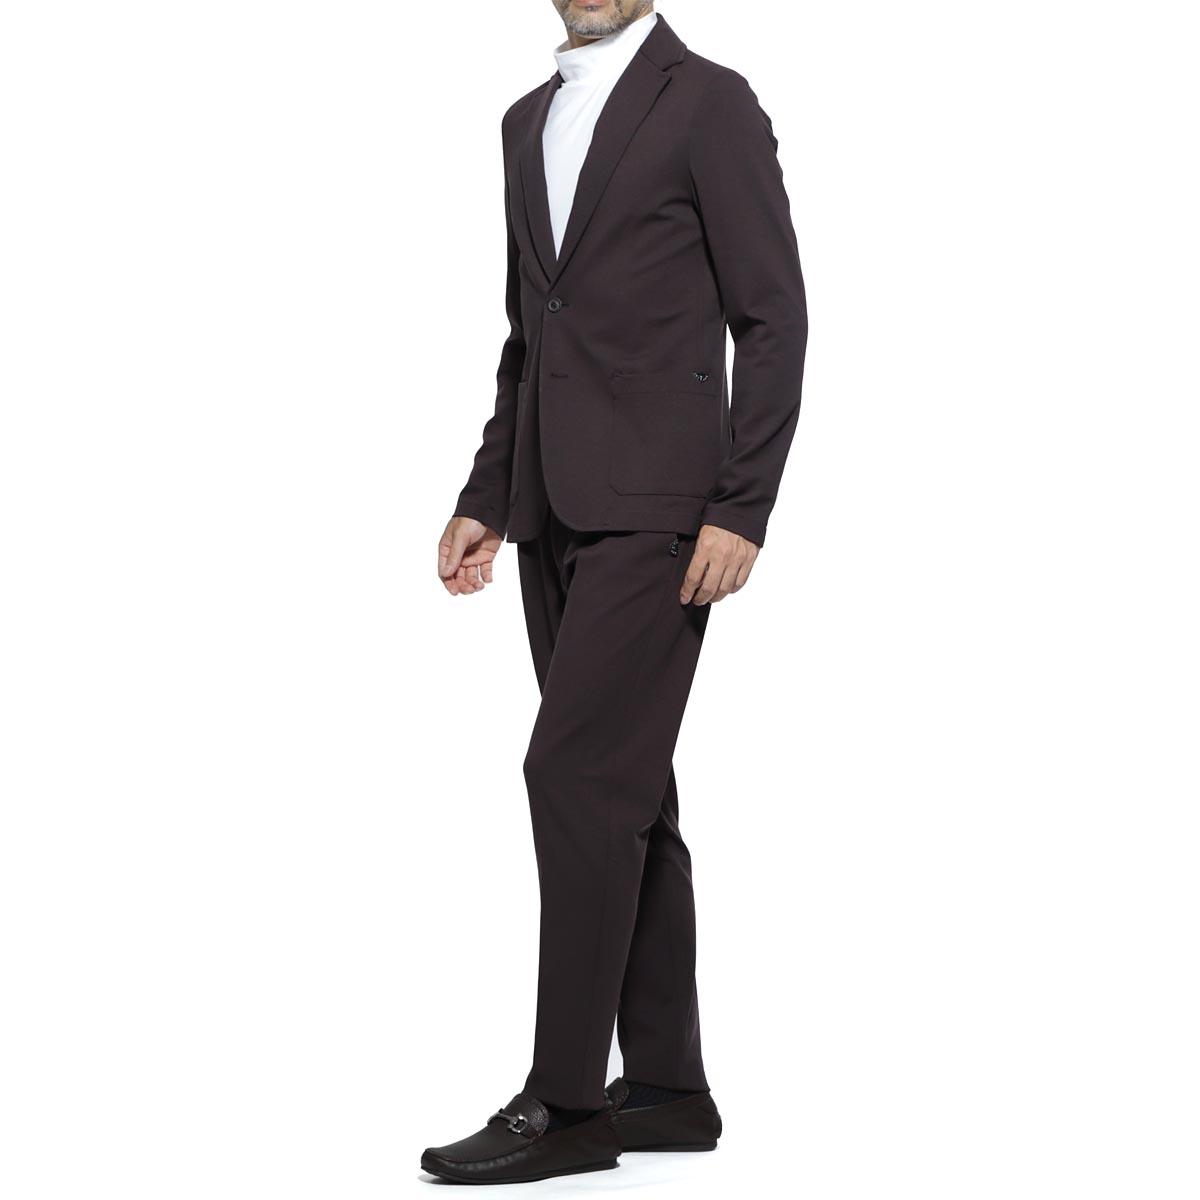 【アウトレット】【ラスト1点】ティージャケット T-JACKET シングル 2つボタンスーツ ブラウン メンズ テーラード ジャケット パンツ カジュアル セットアップ 51ba419j 9194u 800 MAN FIT T-SUIT【あす楽対応_関東】【返品送料無料】